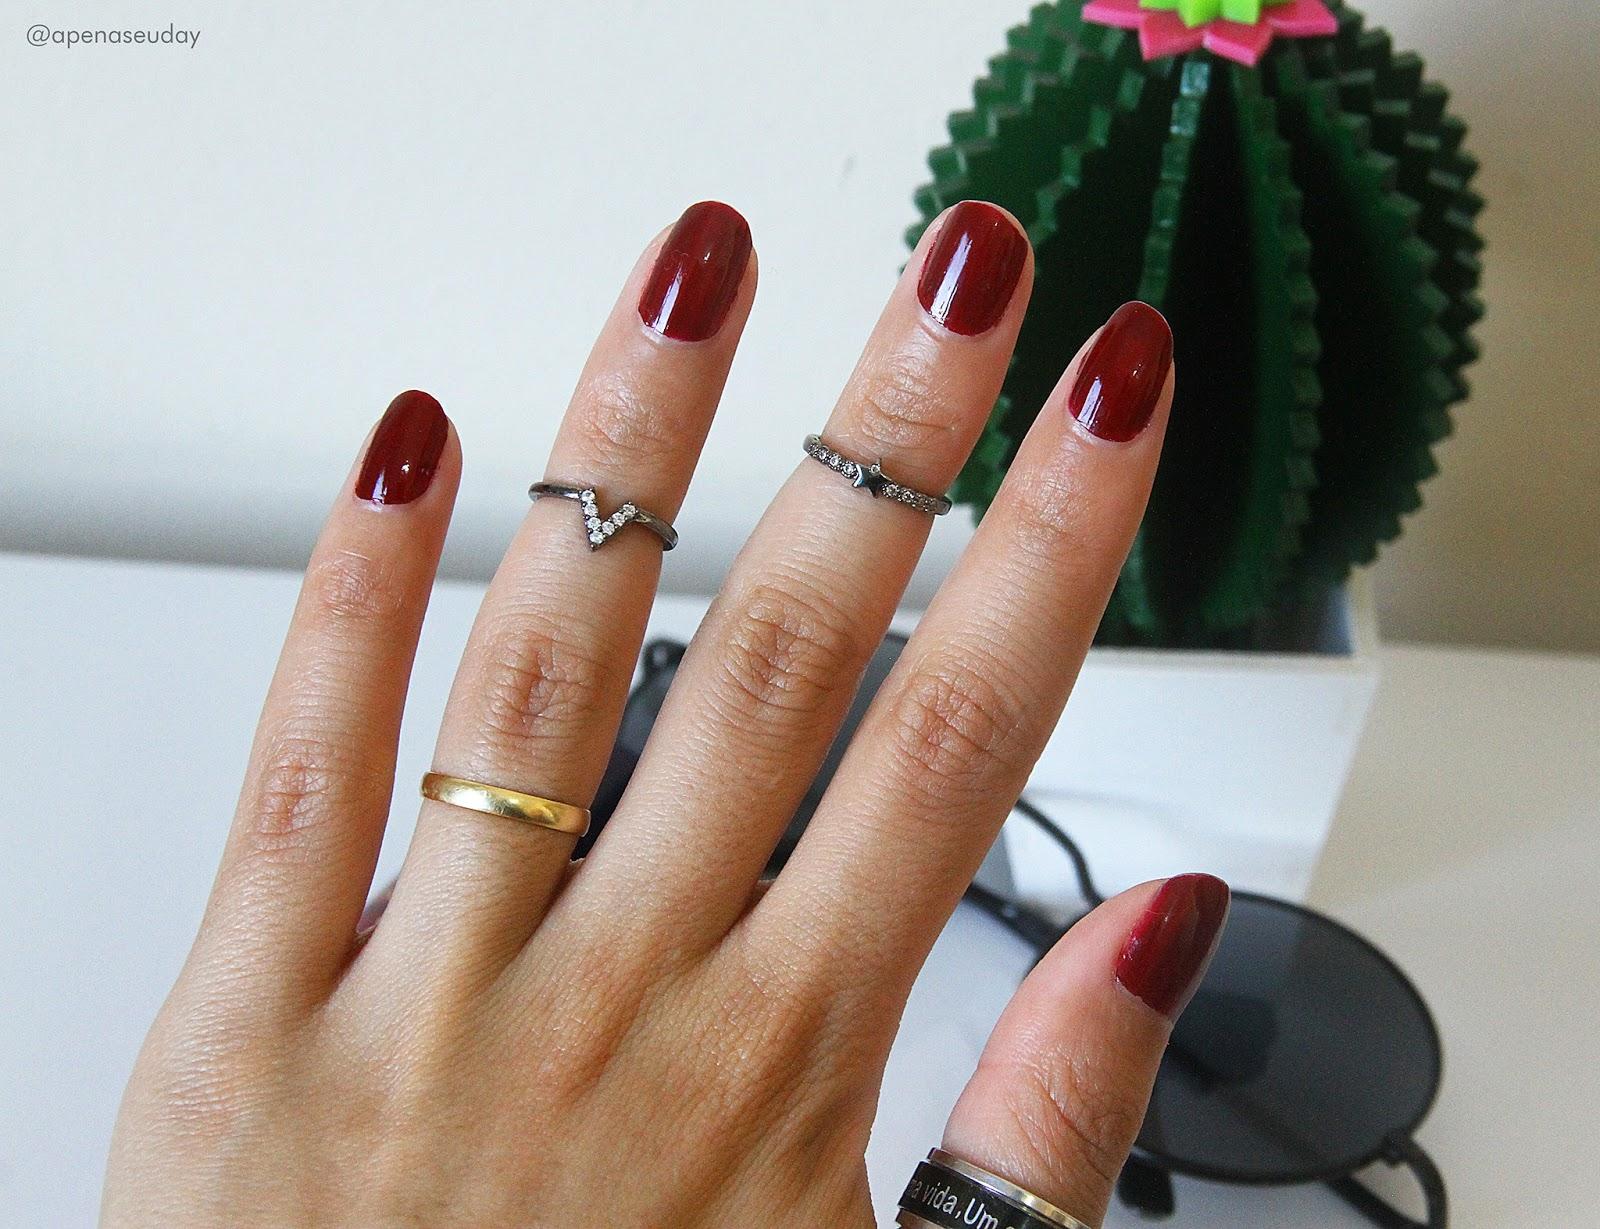 Conheça o esmalte da Dazzle linha Perfect Nails cor Syrah, um vermelho super intenso para suas unhas. Acesse agora!